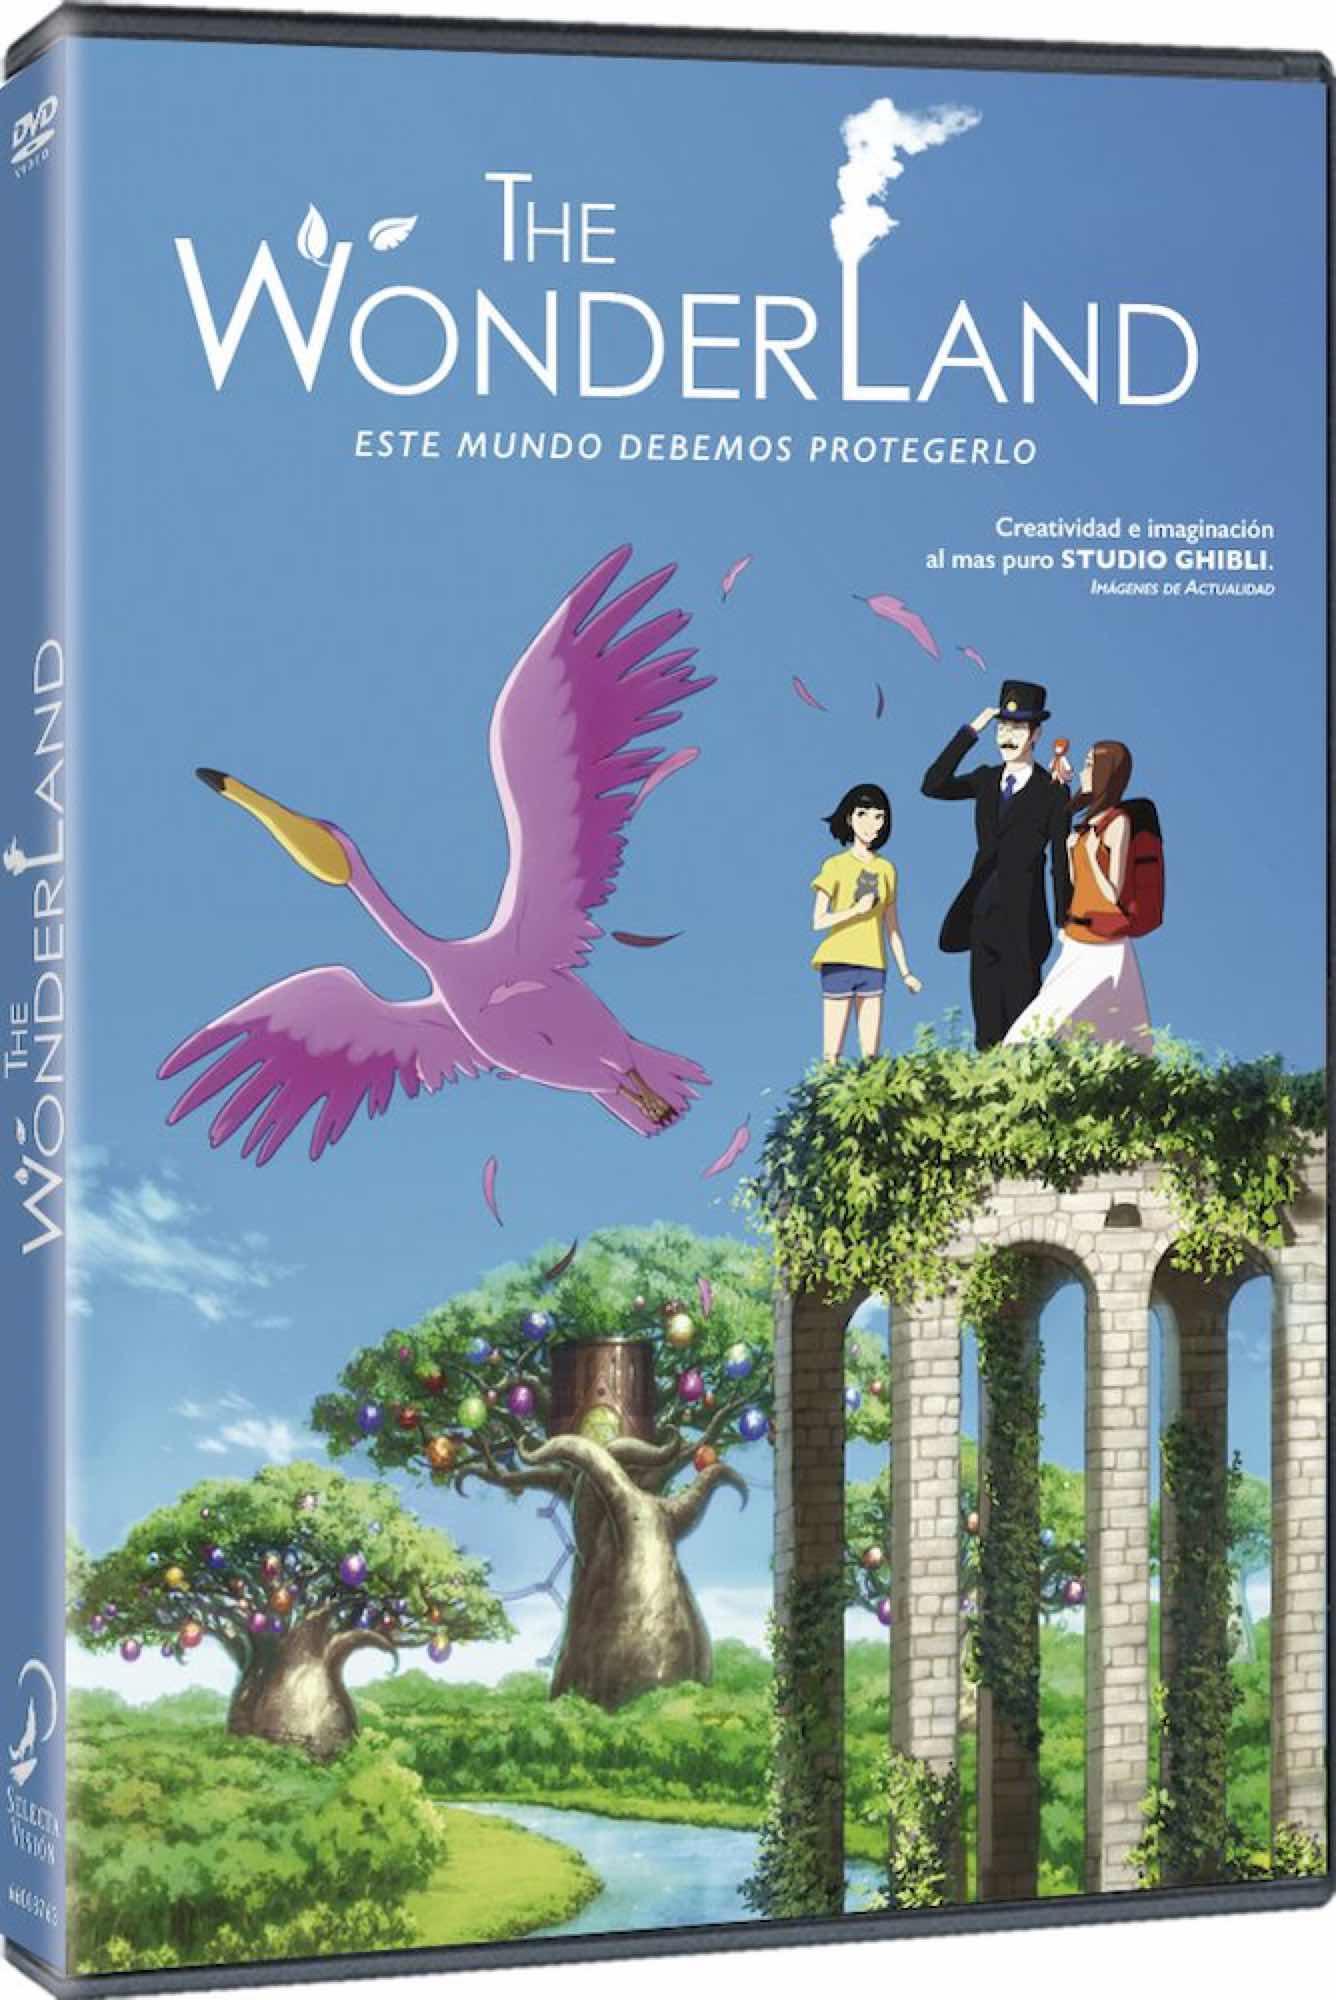 DVD THE WONDERLAND